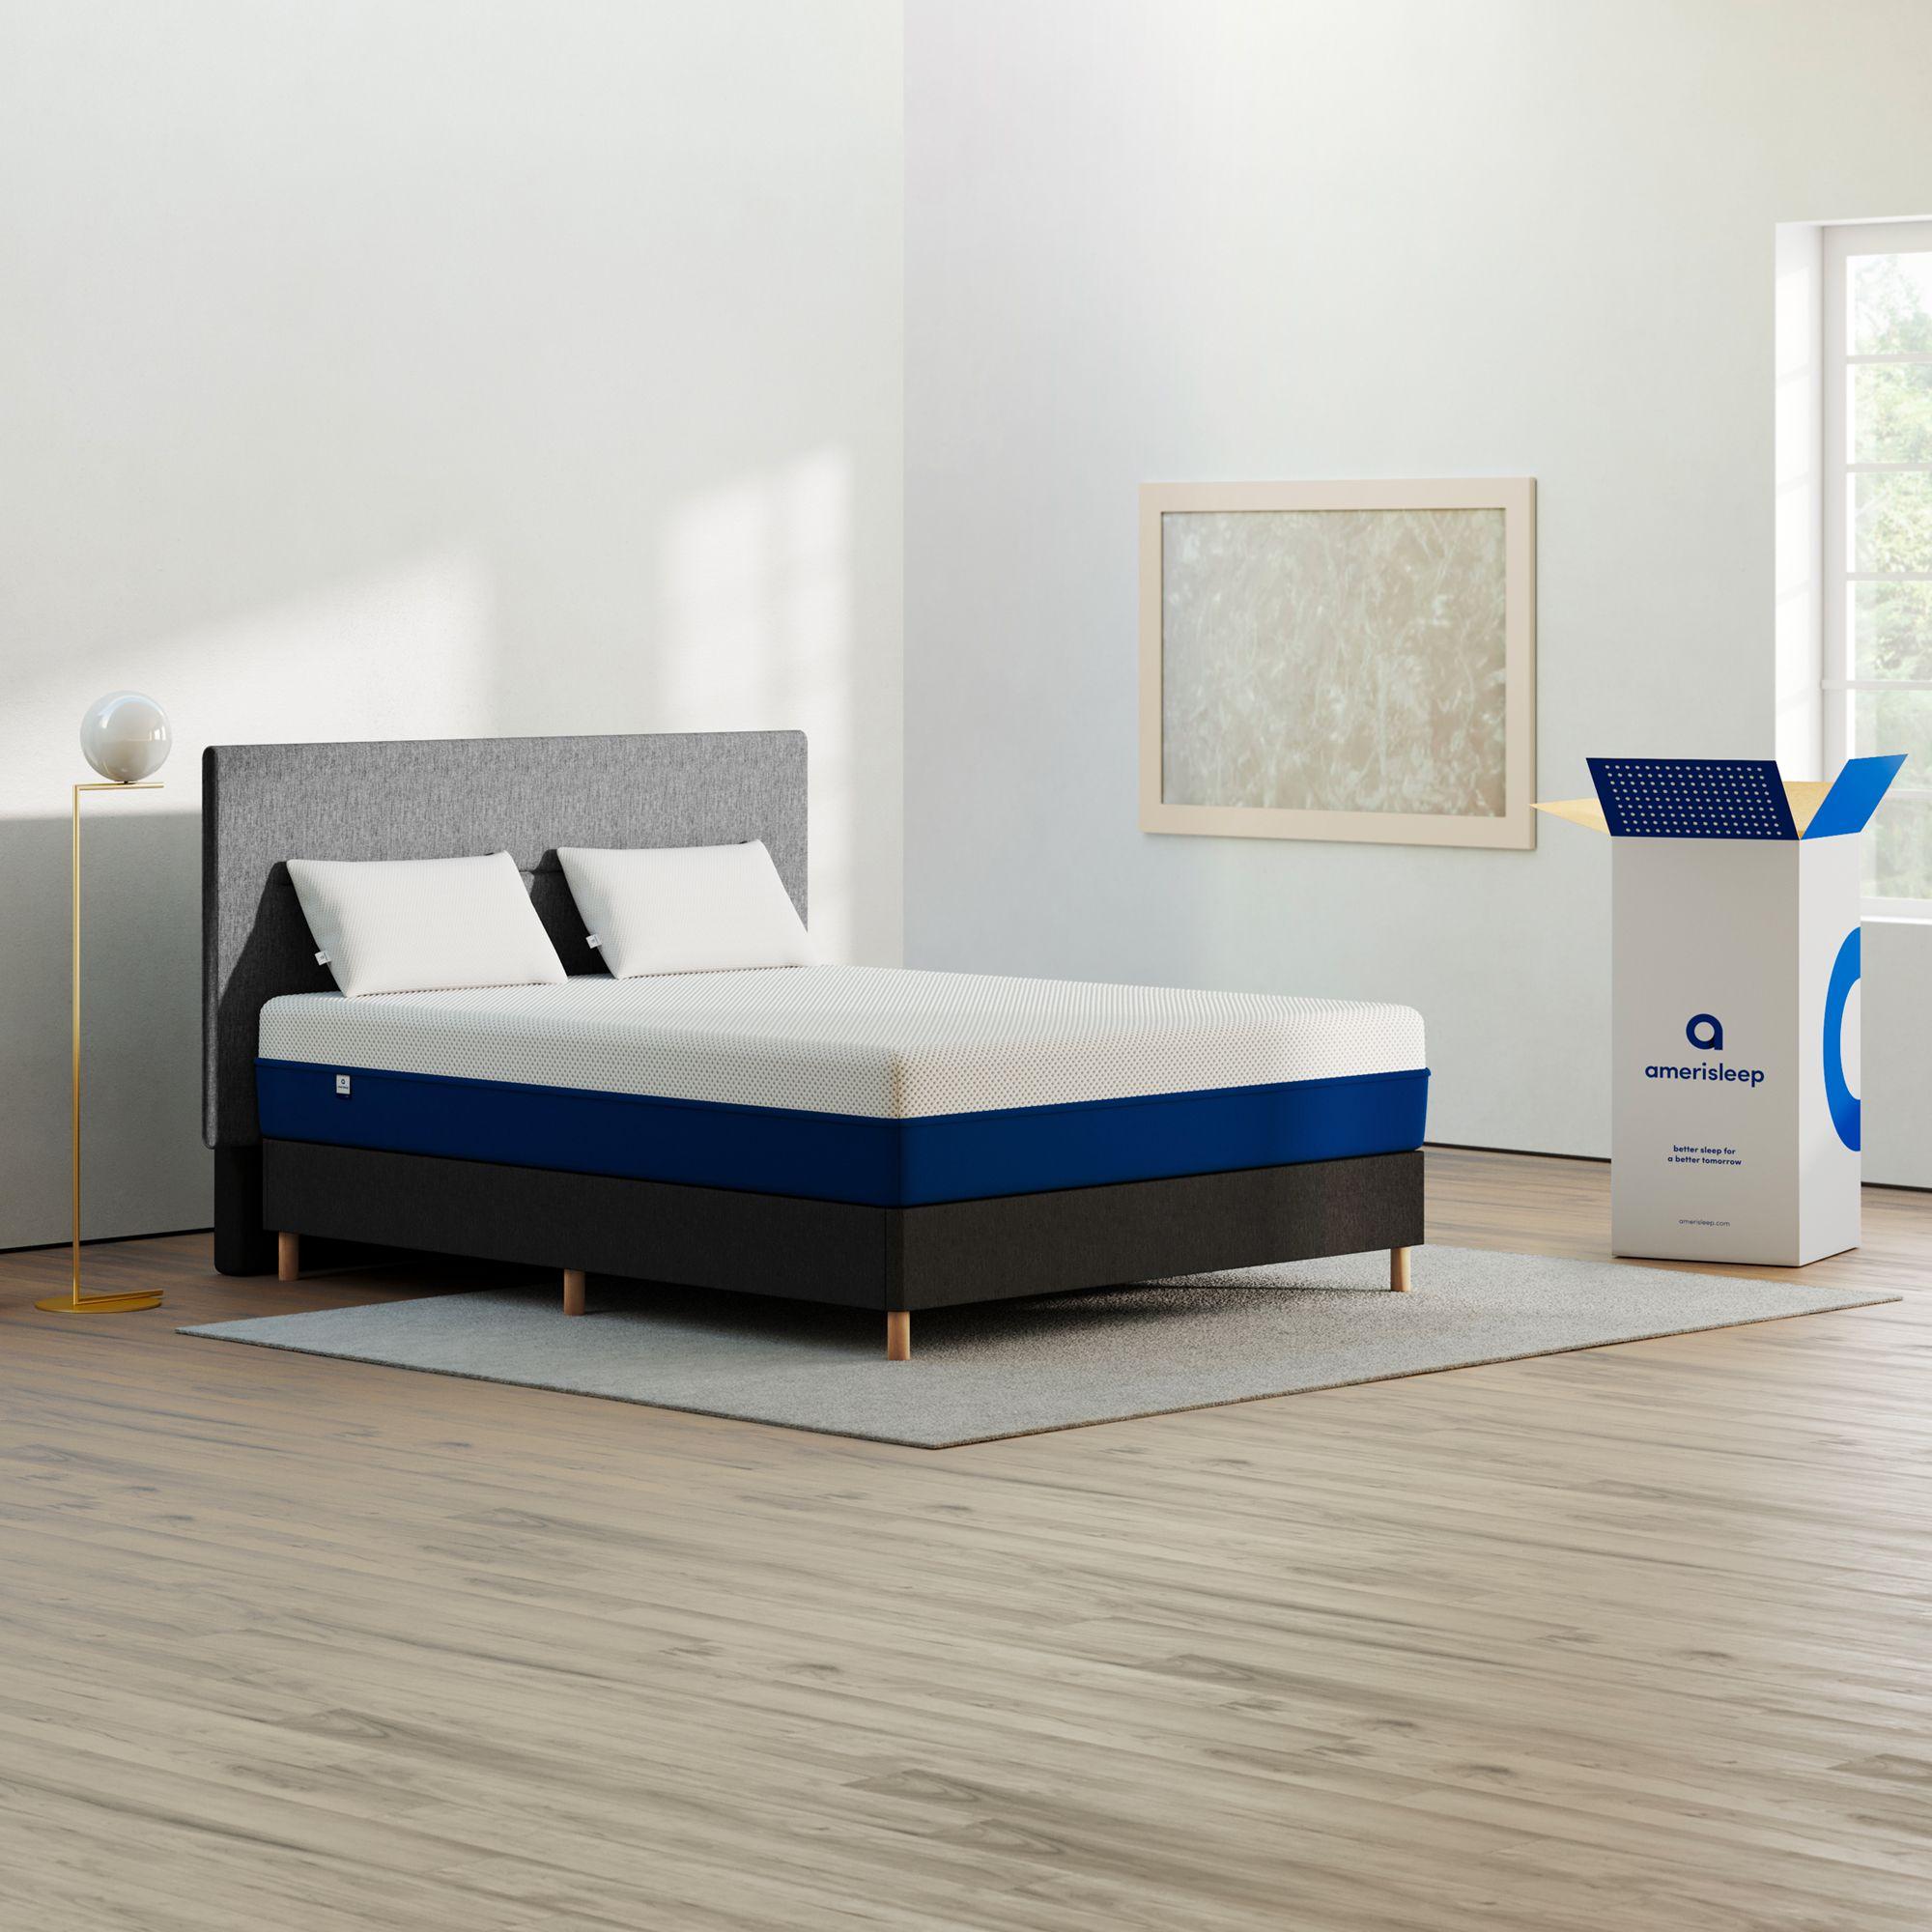 Amerisleep AS2 Back Foam mattress bed, Best mattress